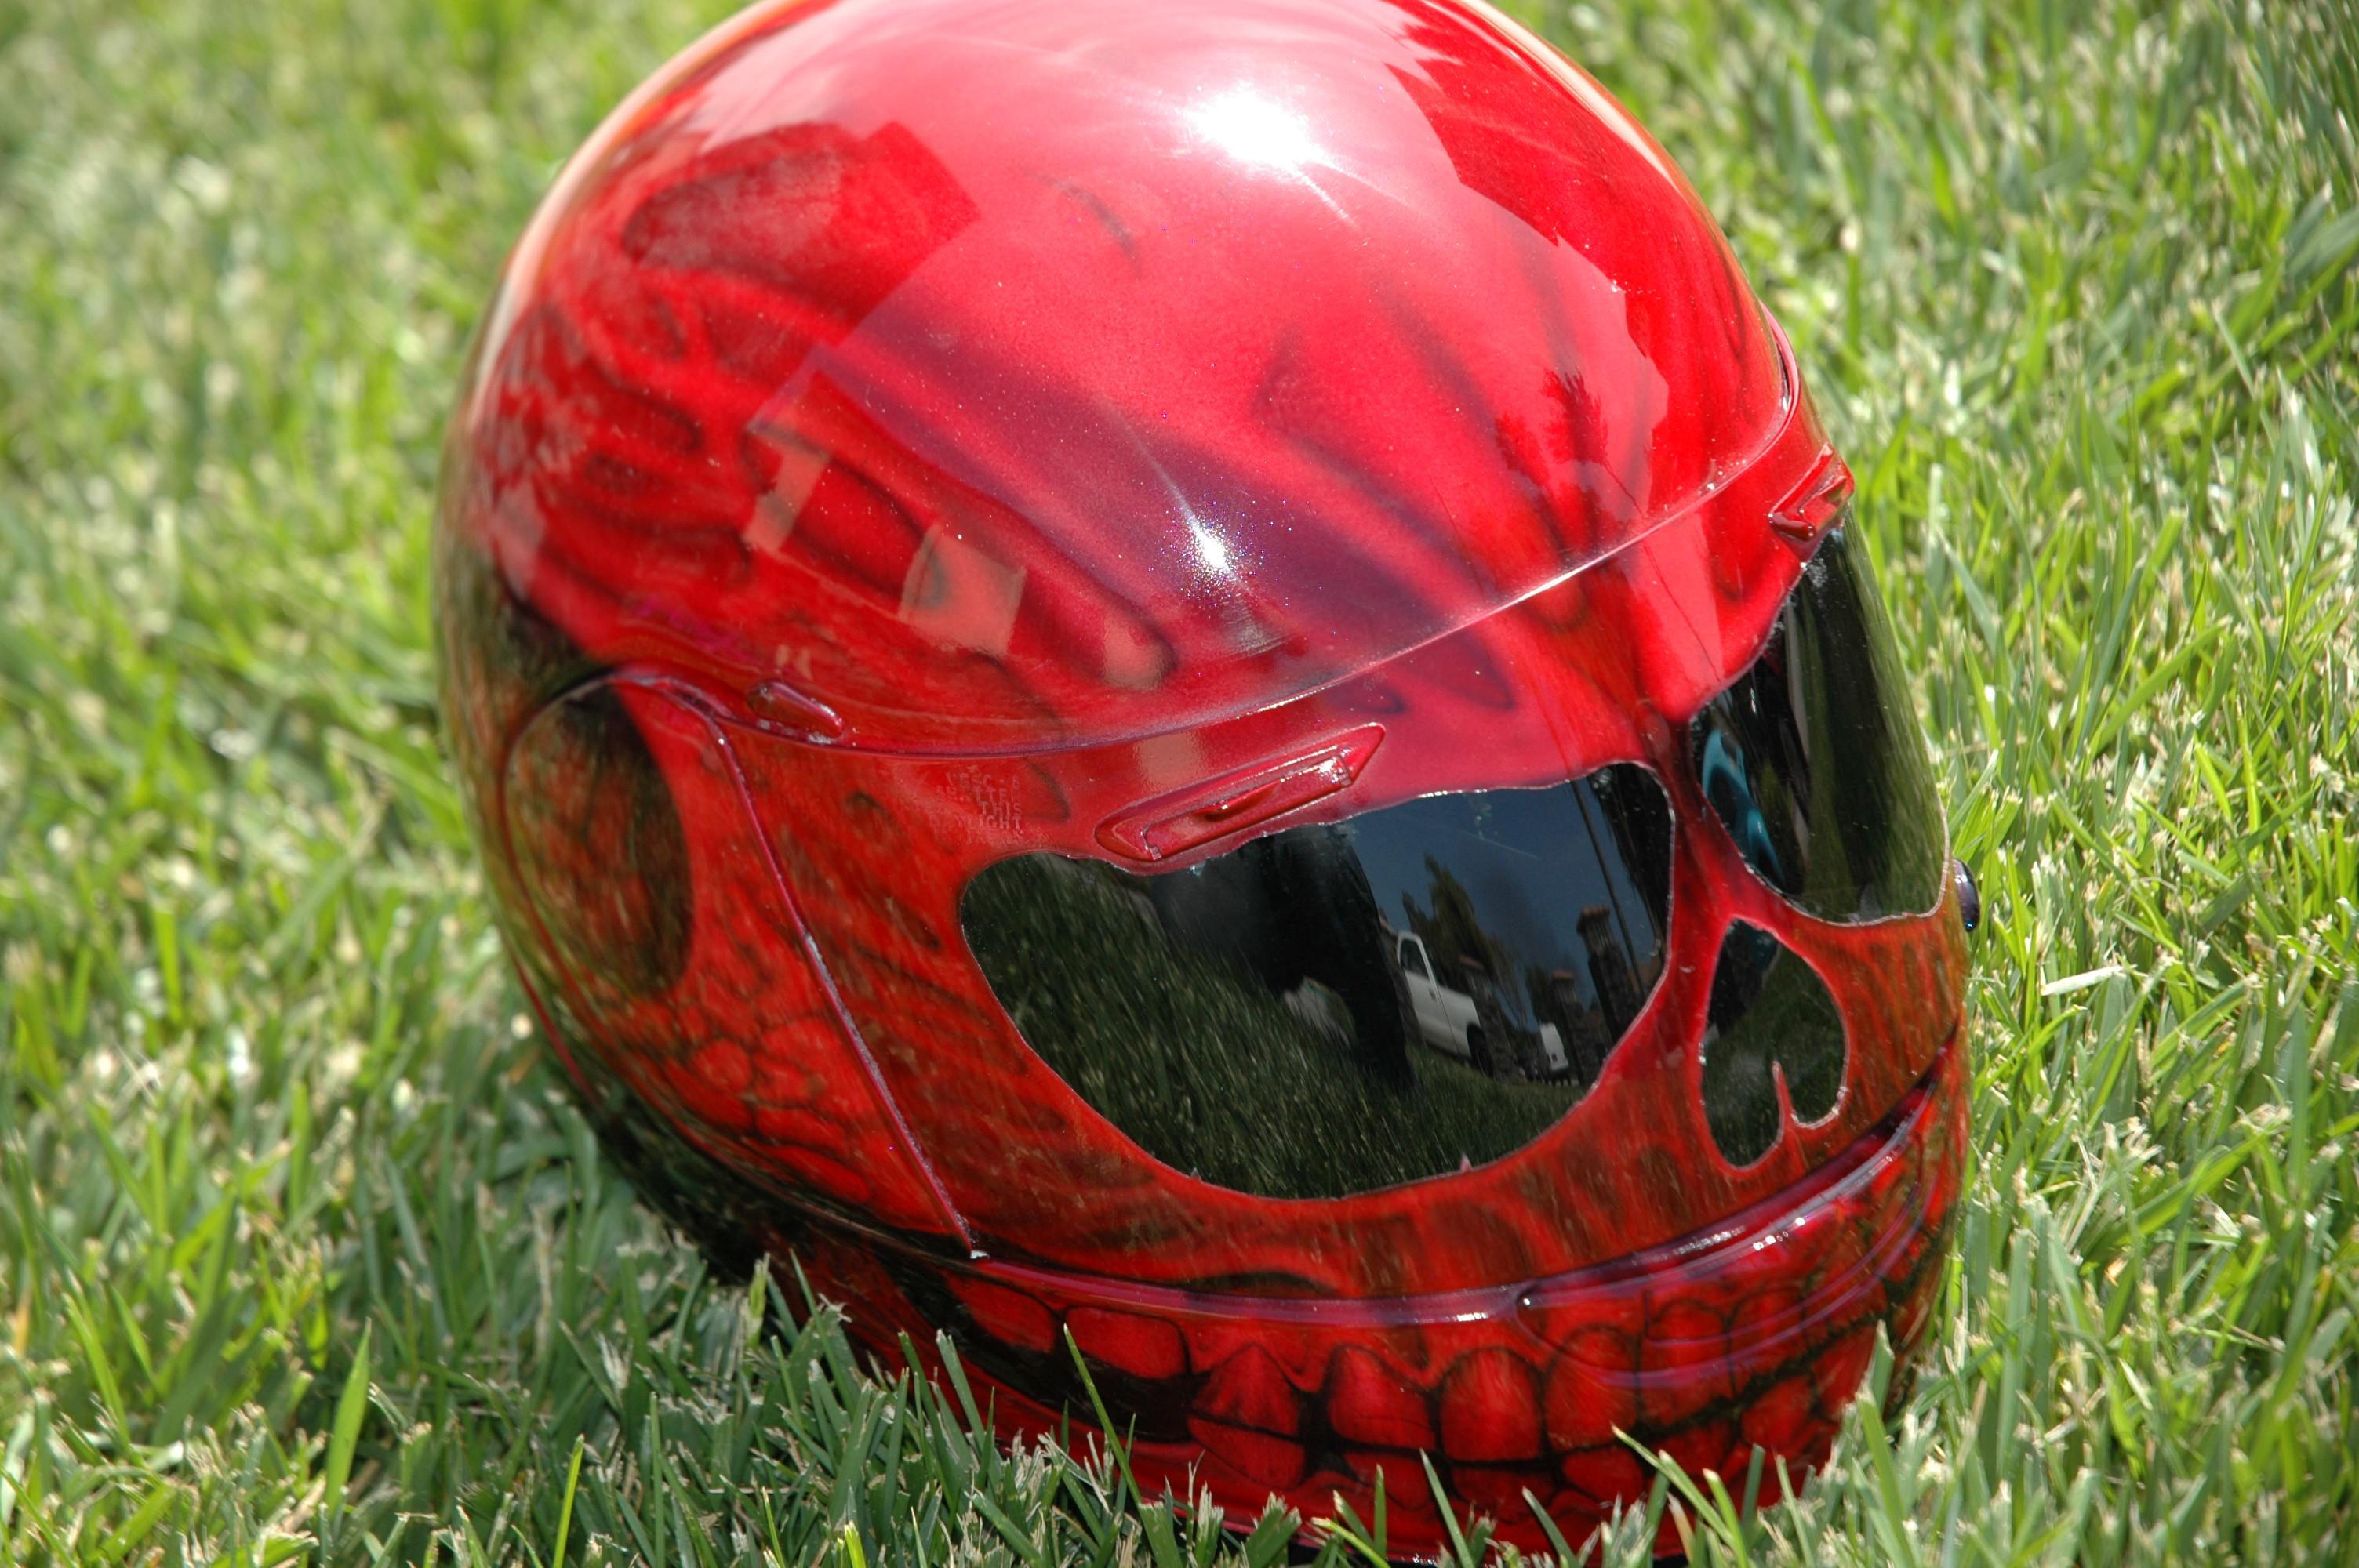 Custom Paint Motorcycle Helmet 3008 x 2000 · 1300 kB · jpeg